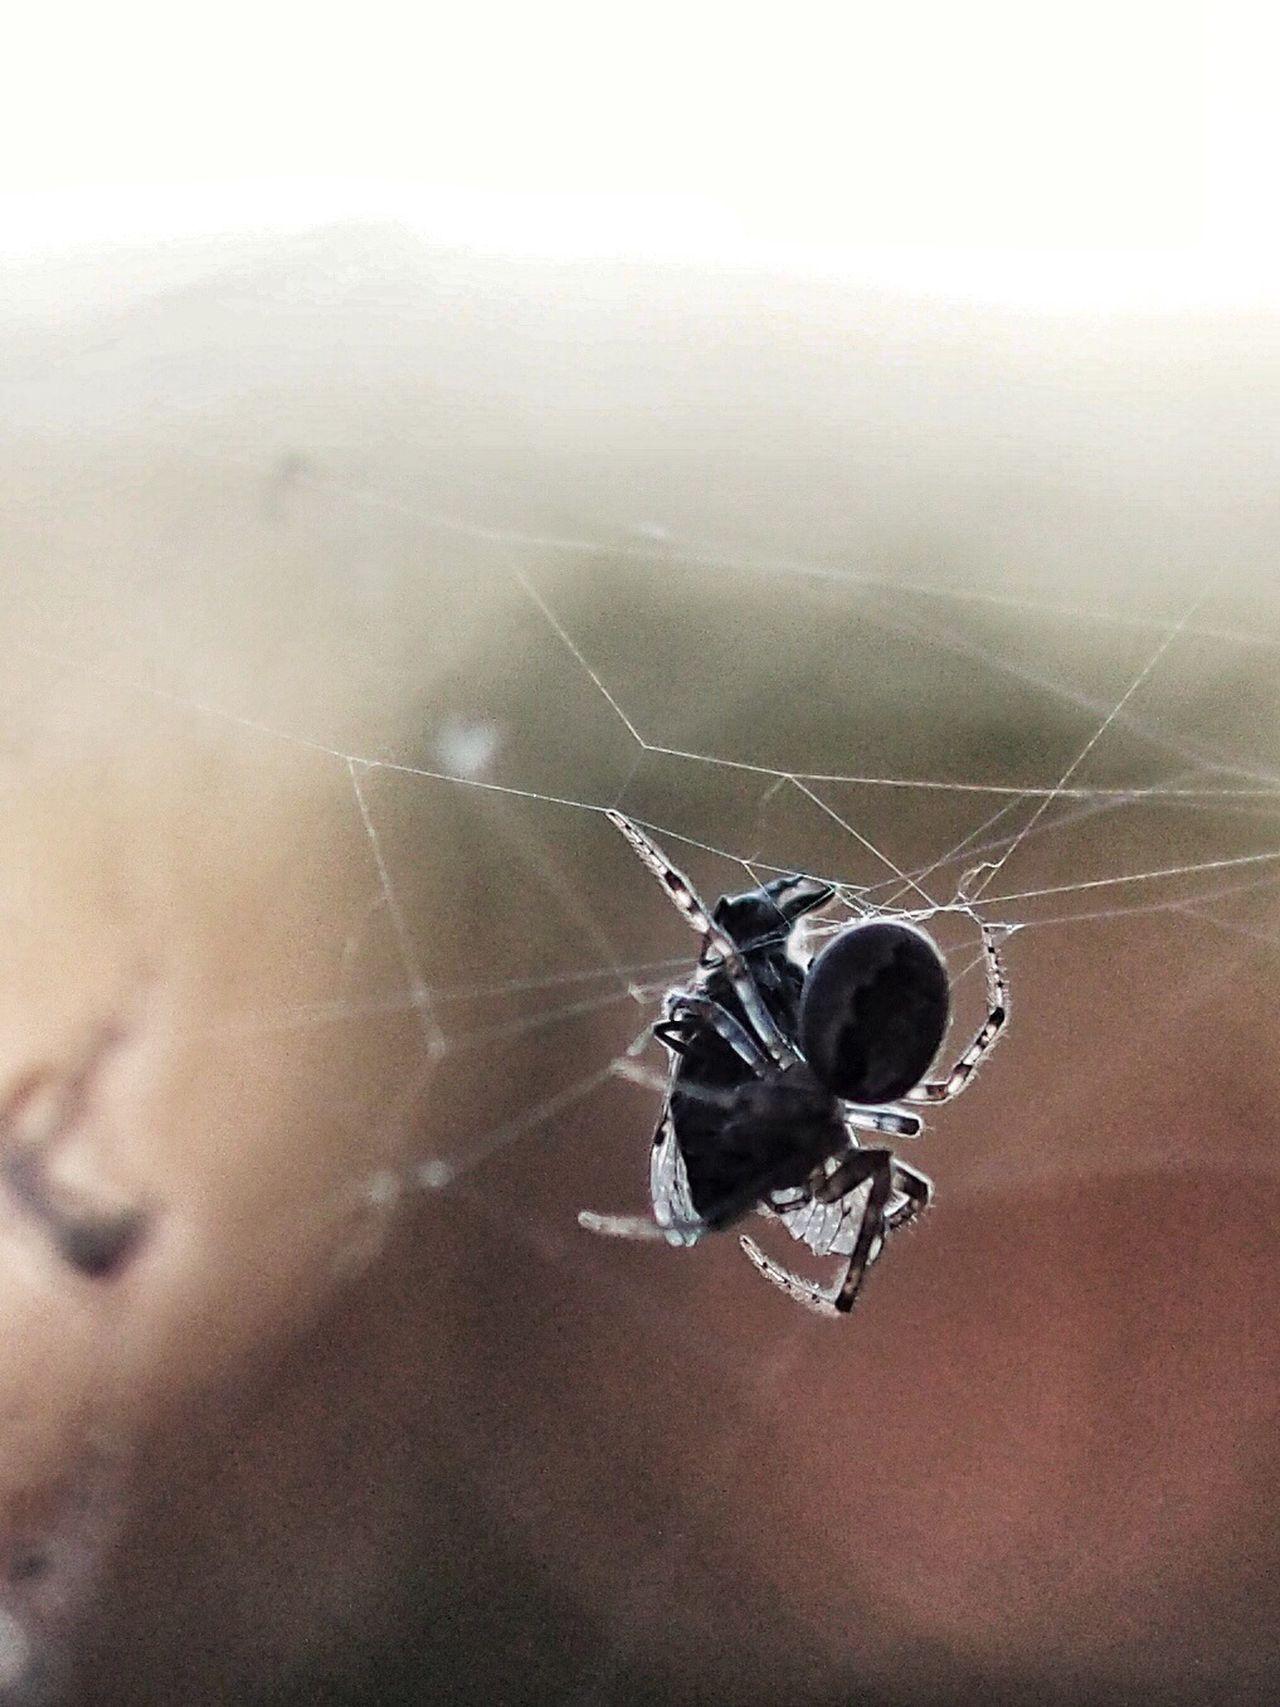 Spider Web Spider M.Zuiko 45mm 1:1,8